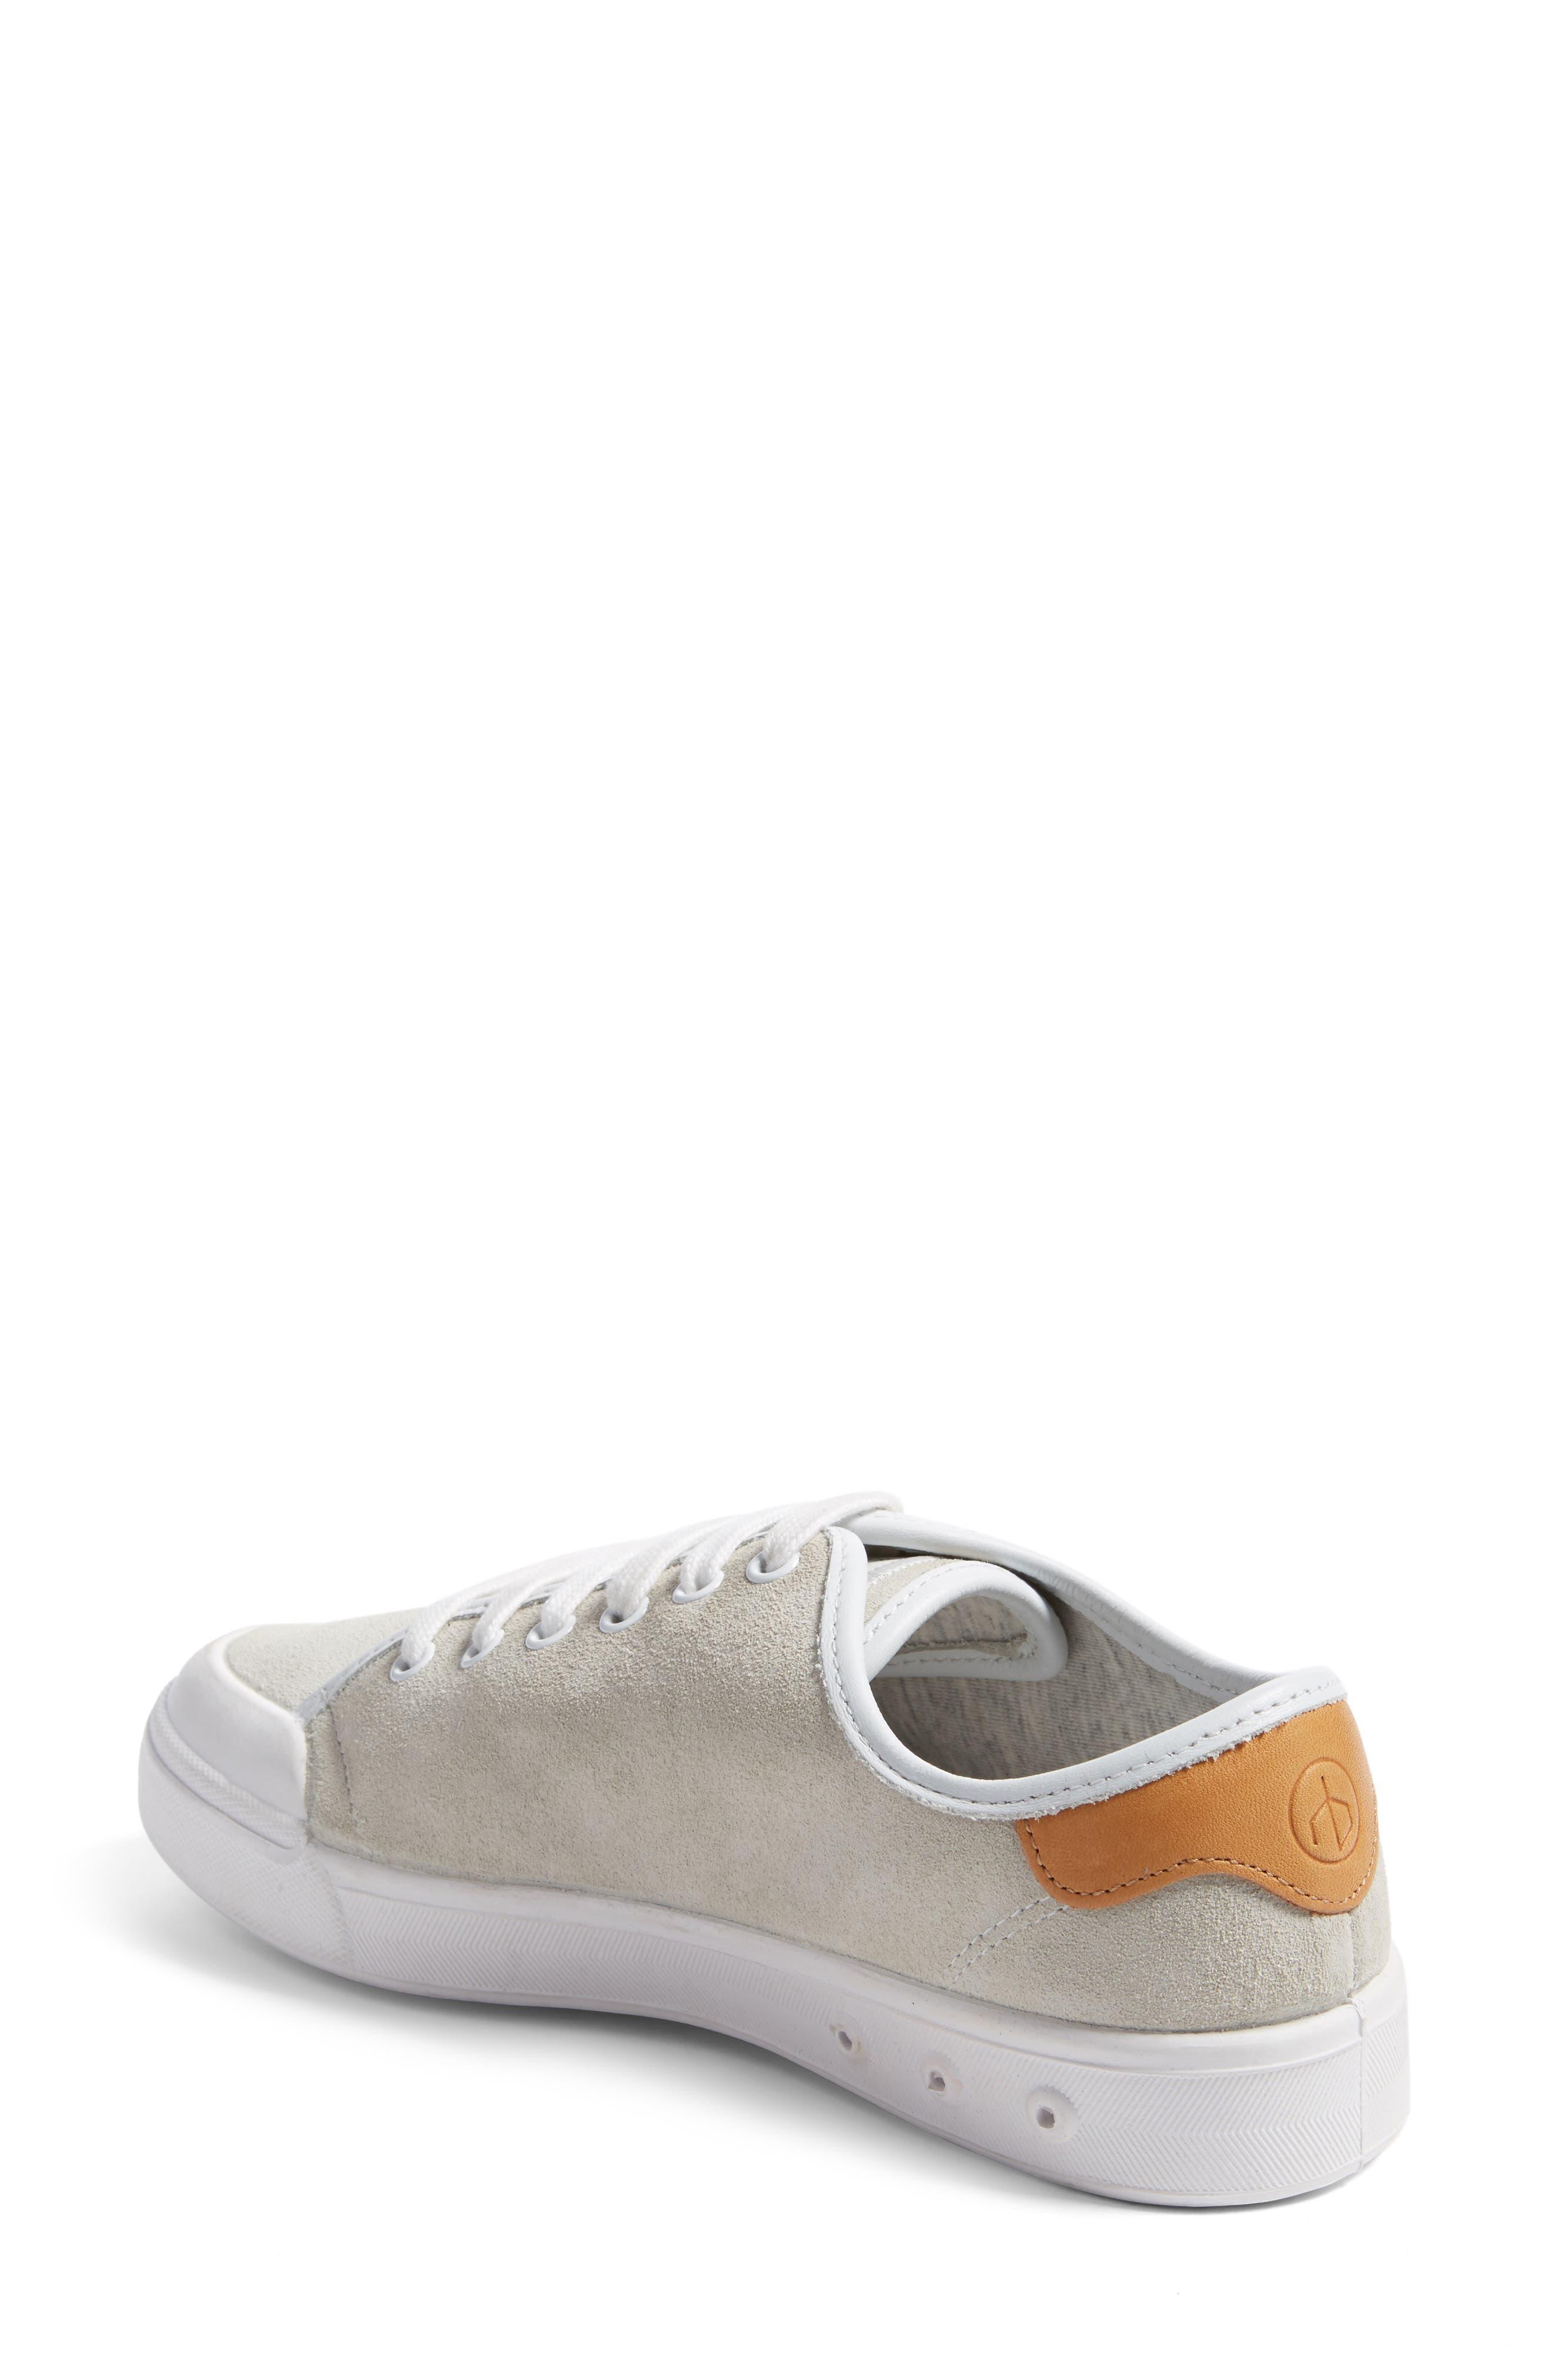 Standard Issue Sneaker,                             Alternate thumbnail 2, color,